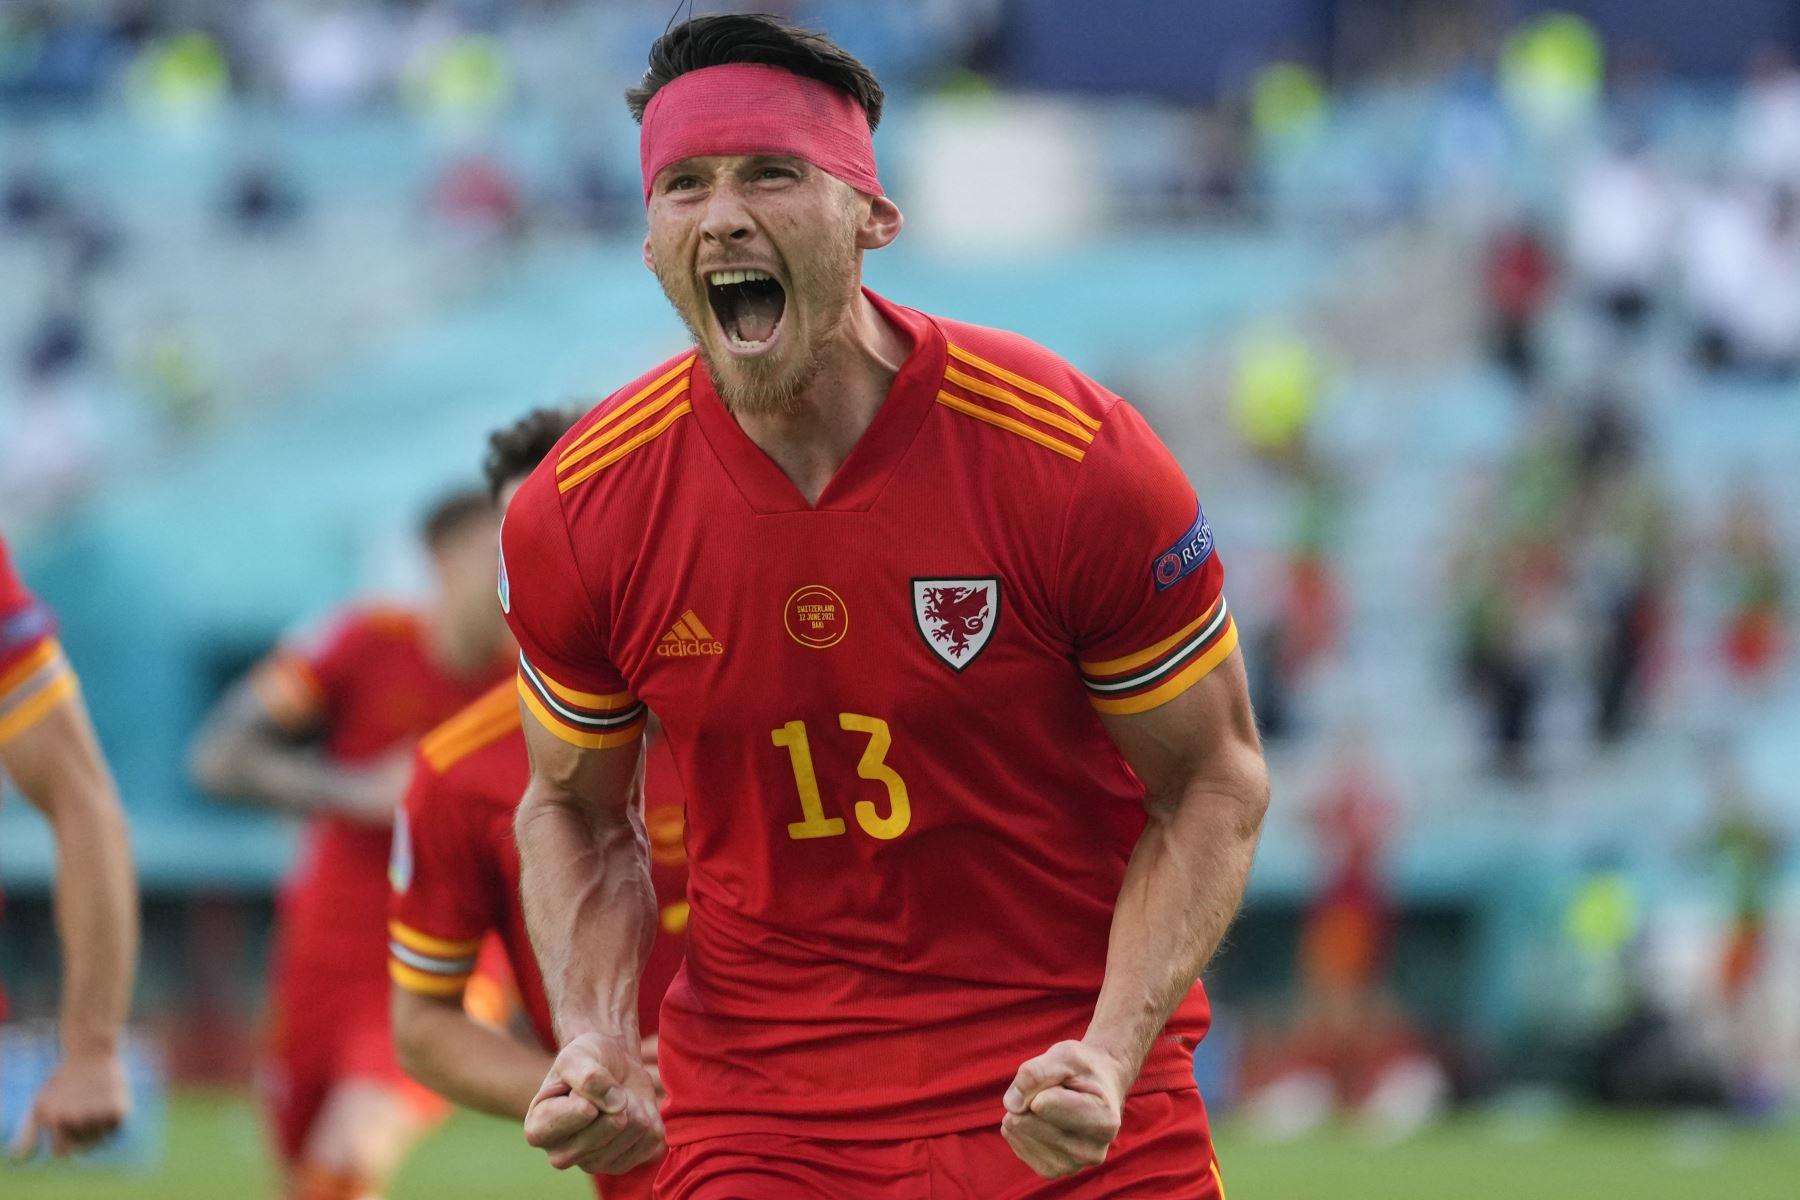 El centrocampista de Gales, Kieffer Moore, celebra su gol del empate durante el partido de fútbol del Grupo A de la UEFA EURO 2020 entre Gales y Suiza en el Estadio Olímpico de Bakú. Foto: AFP